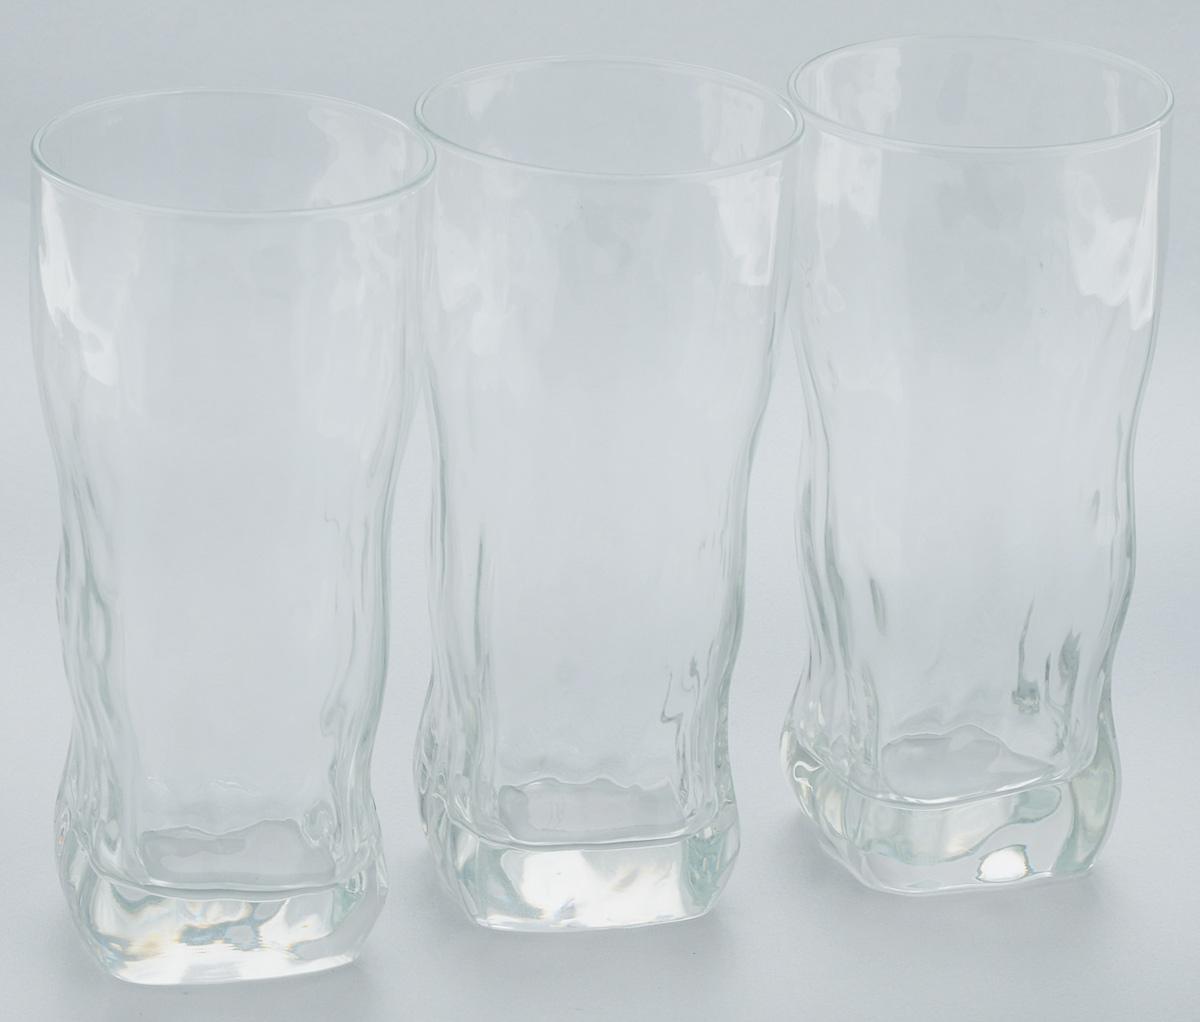 Набор стаканов Luminarc Icy, 400 мл, 3 штG2764Набор Luminarc Icy состоит из 3 стаканов, выполненных из стекла. Они отличаются особой легкостью и прочностью, излучают приятный блеск и издают мелодичный хрустальный звон. Стаканы станут идеальным украшением праздничного стола и отличным подарком к любому празднику. Можно мыть в посудомоечной машине. Диаметр стакана по верхнему краю: 7 см. Высота: 15,5 см.